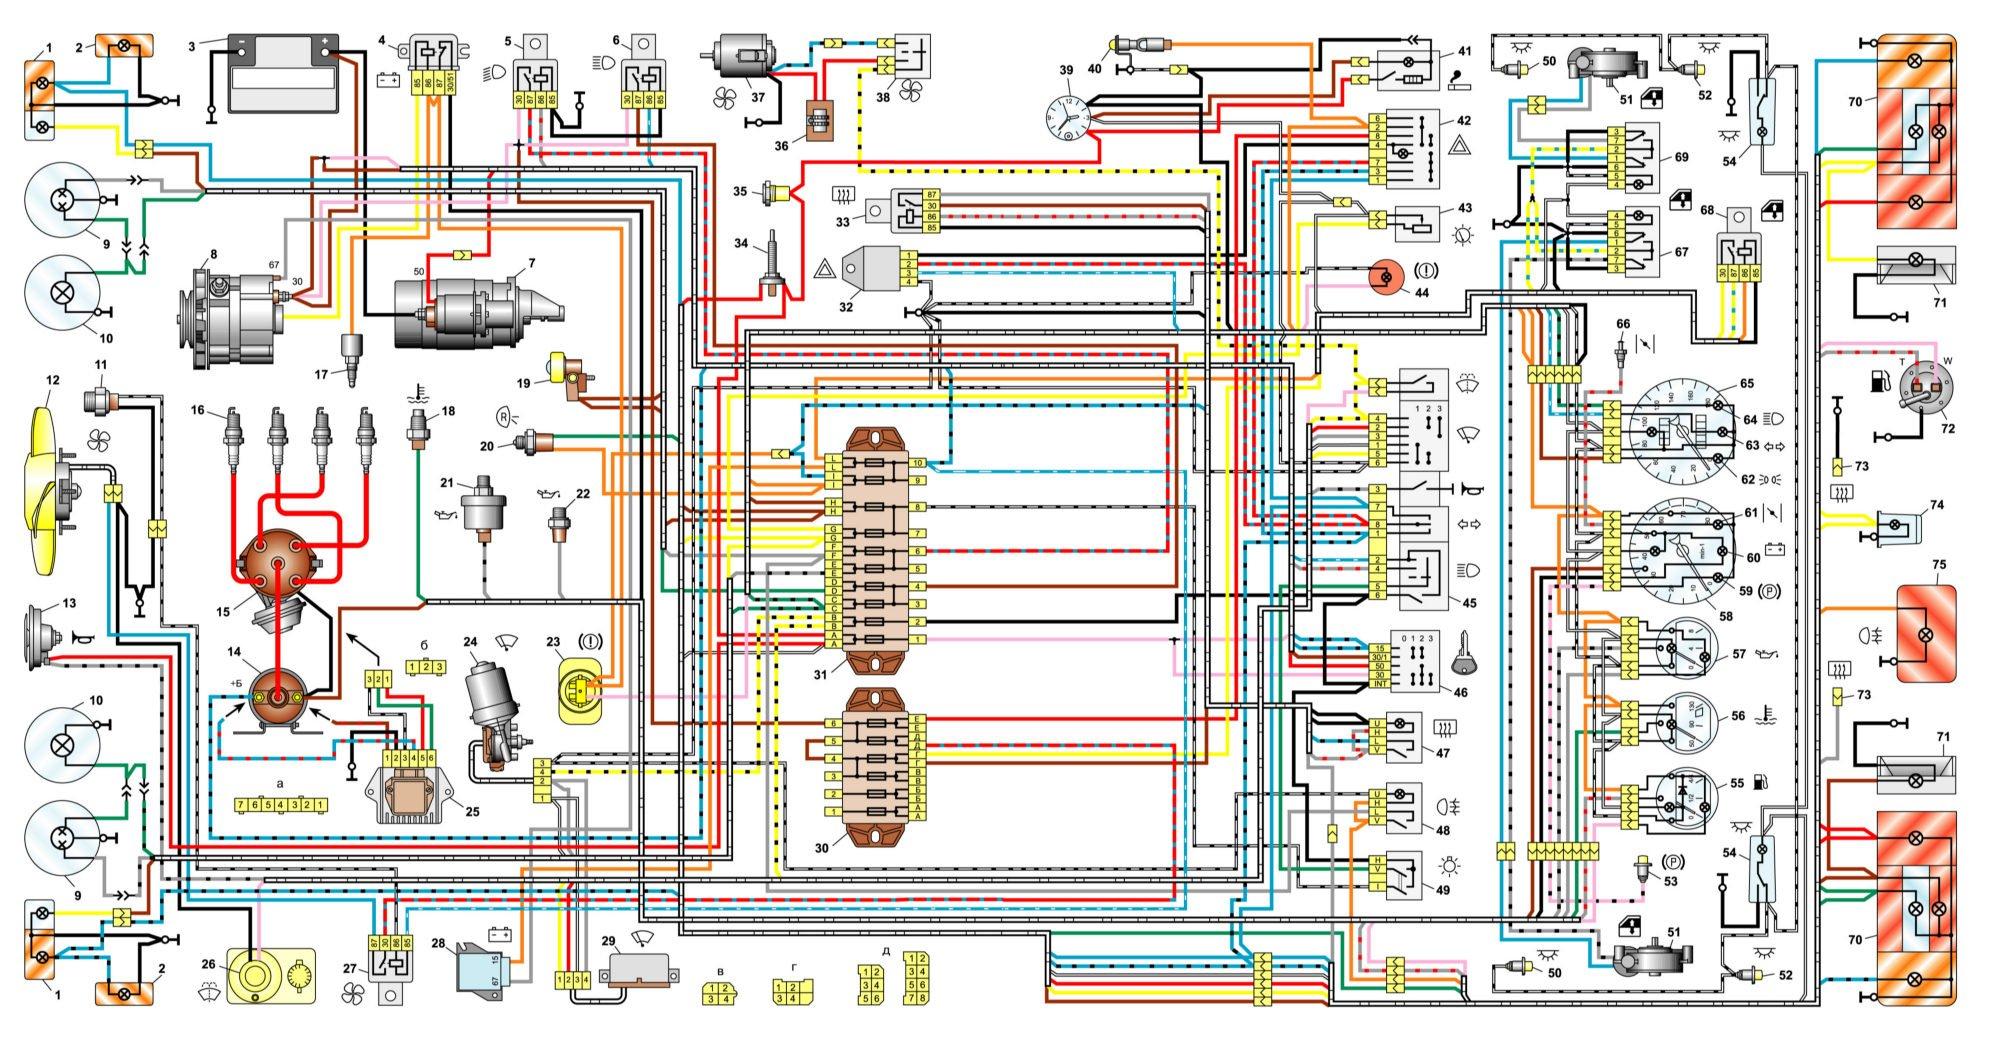 Полный вид схемы оборудования и проводки ВАЗ-2106